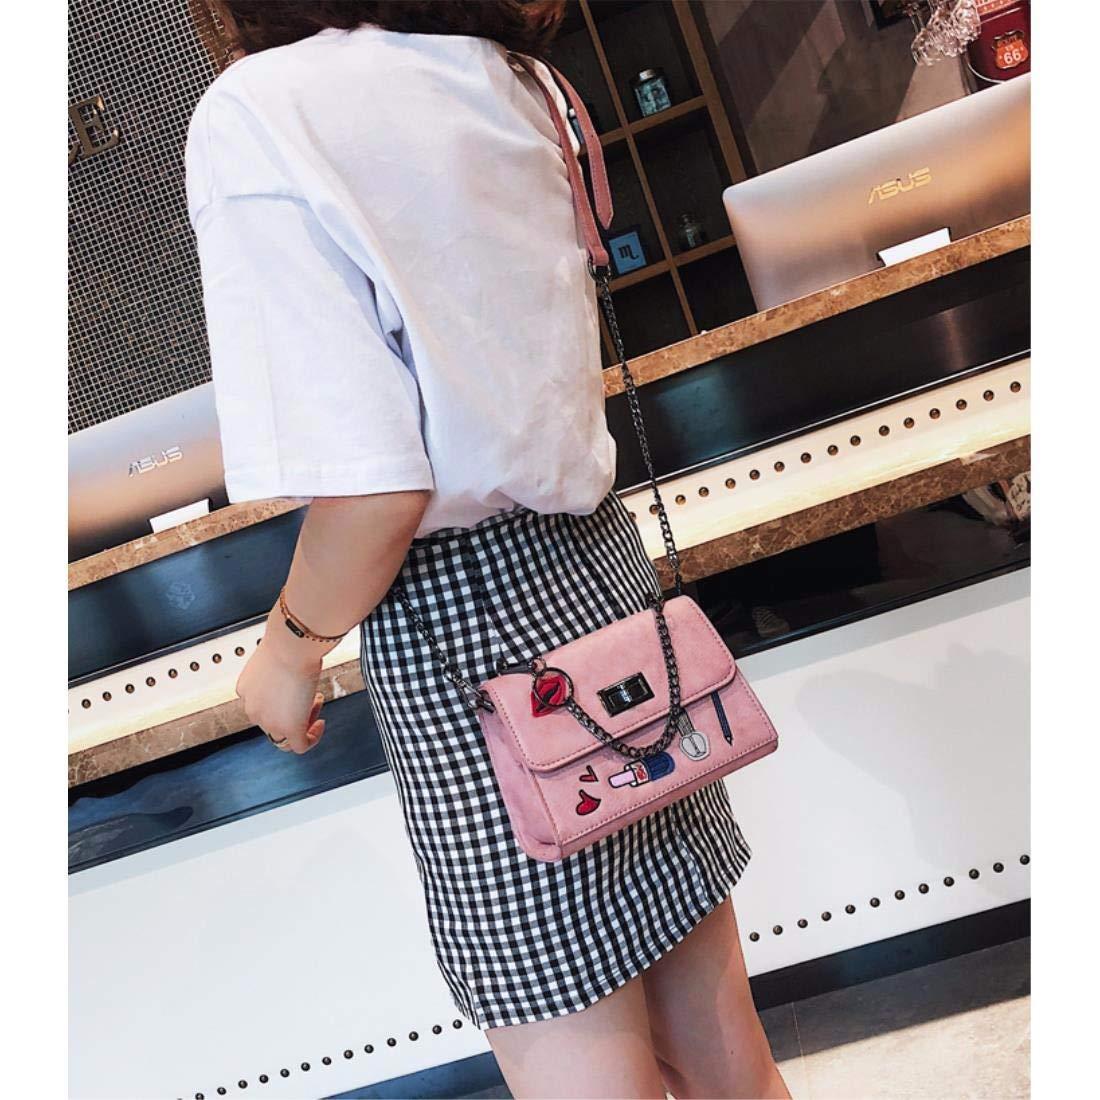 HAPPY-BAG Mode Mode Mode modern Innenraum Kette Koffer, Handtaschen, Schulranzen, Mode - Single umhängetasche B07GTJ9CM4 Umhngetaschen Günstiger d64828